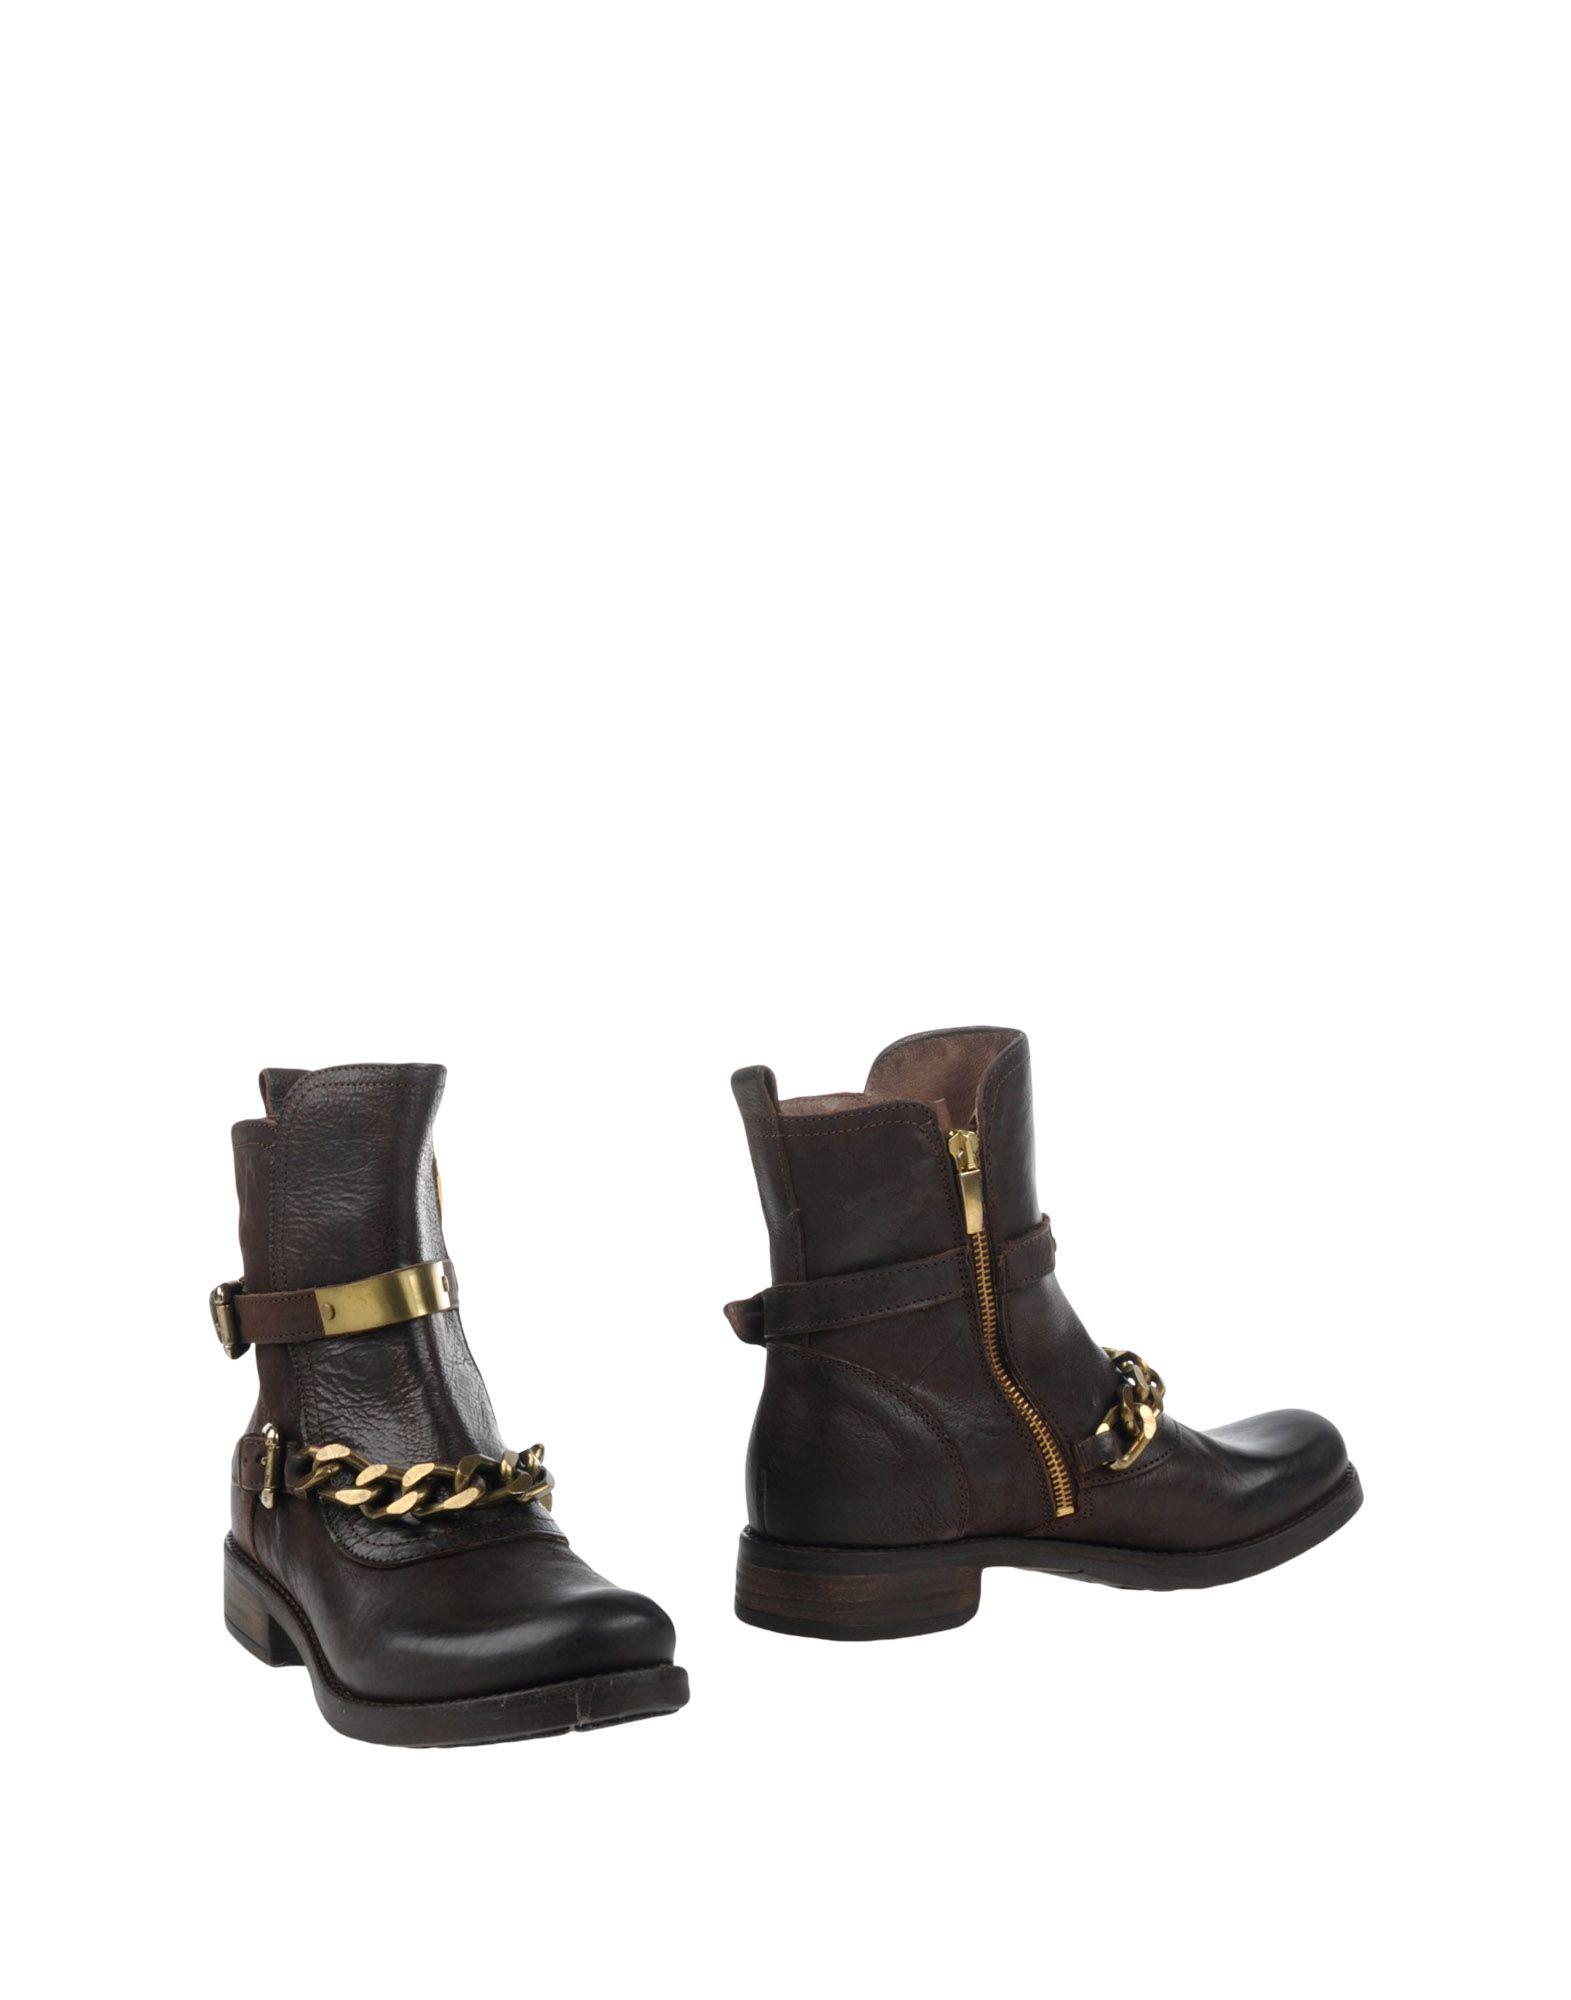 Manila Grace Denim Stiefelette Damen  11267824UMGut aussehende strapazierfähige Schuhe